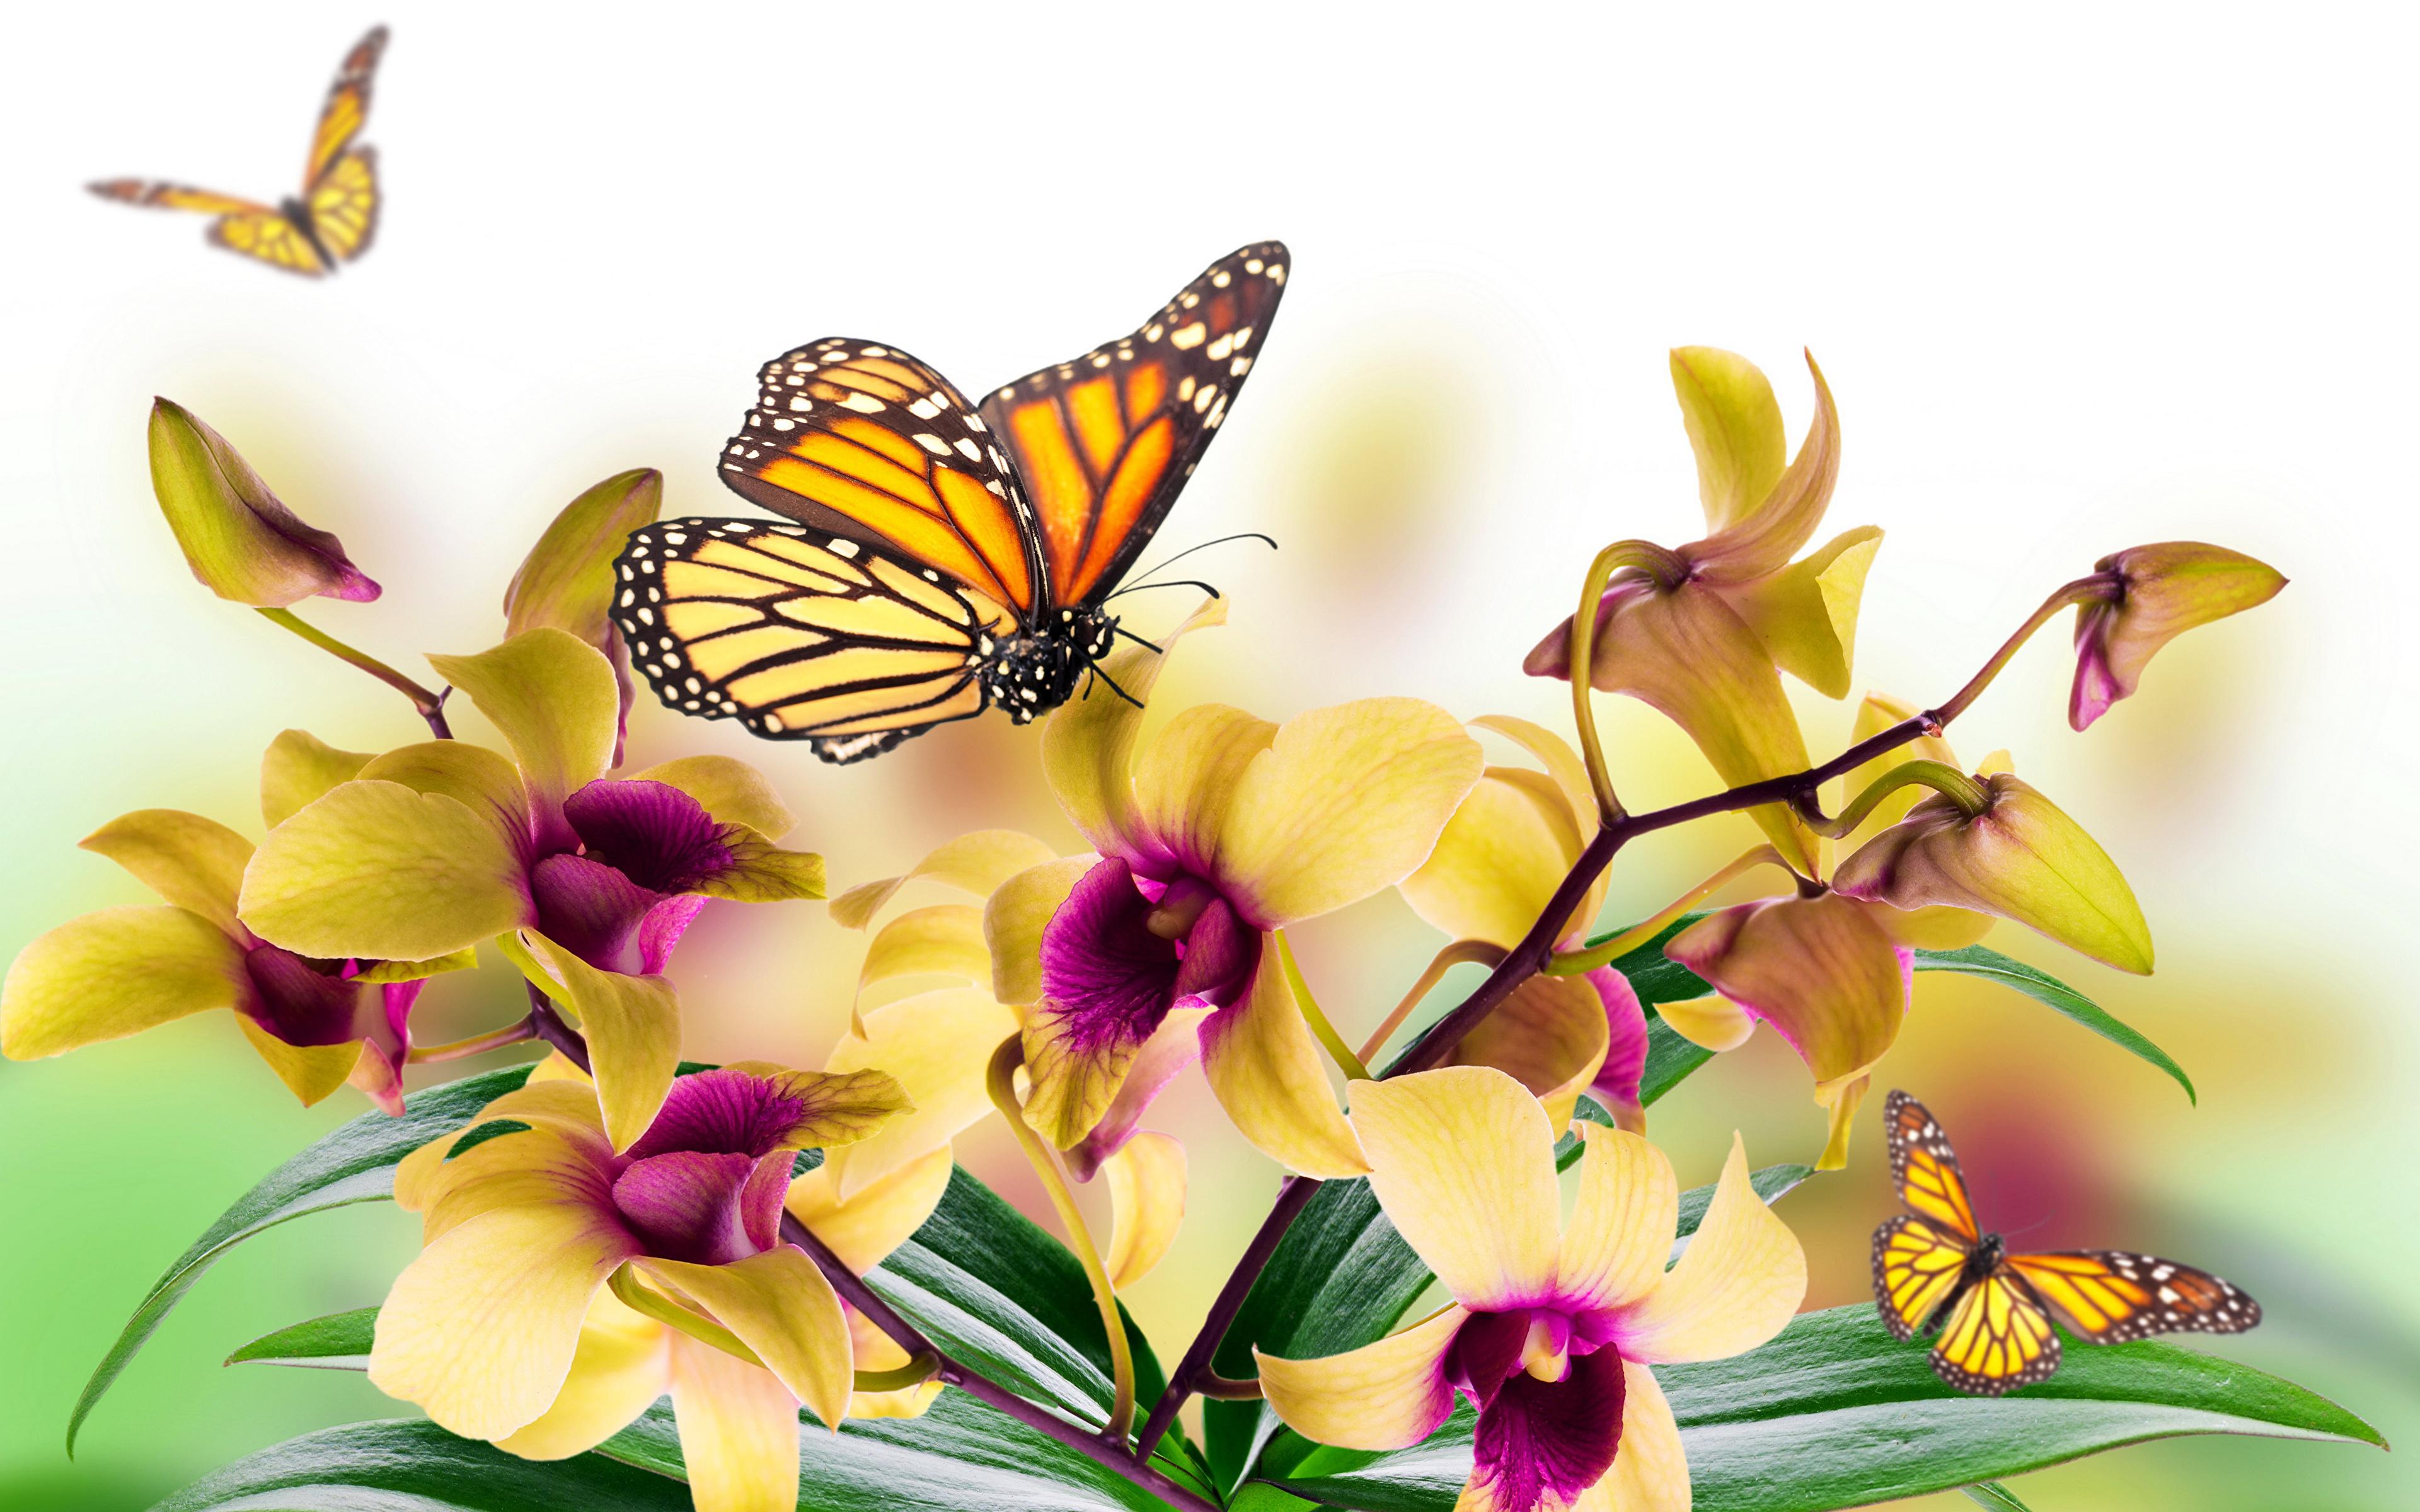 бабочки из лепестков  № 2303788 загрузить